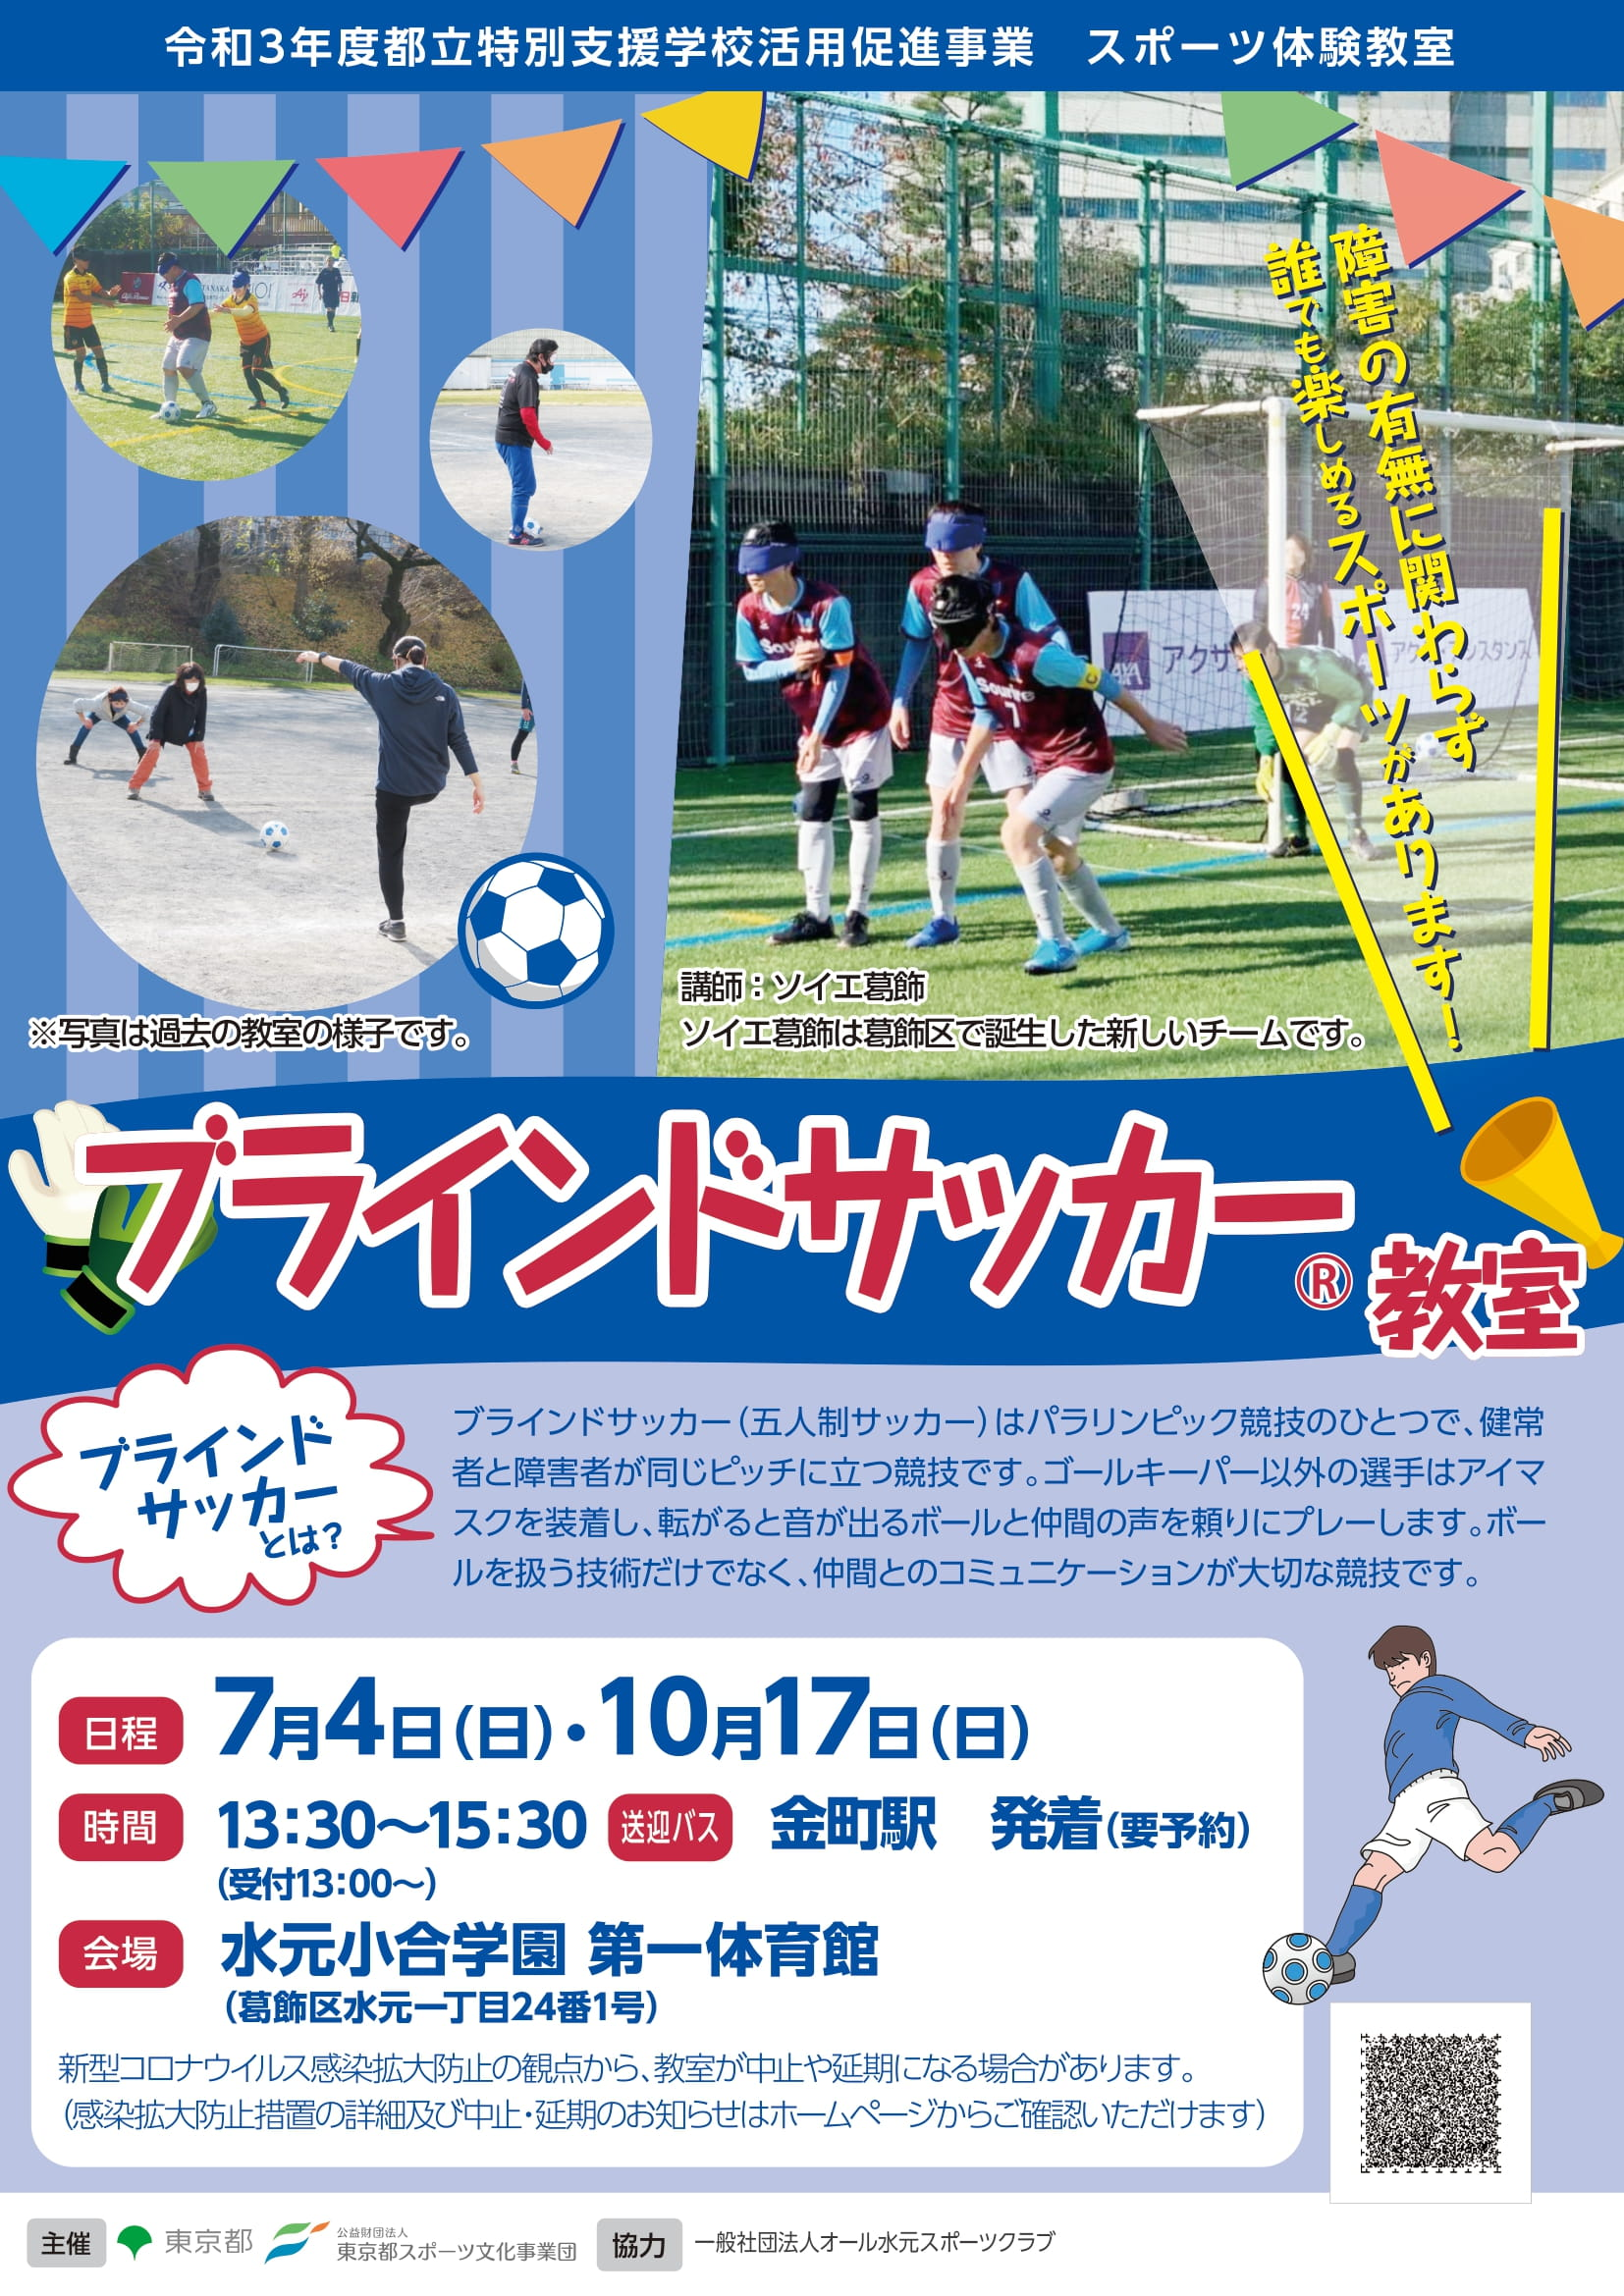 ブラインドサッカー教室【水元小合】